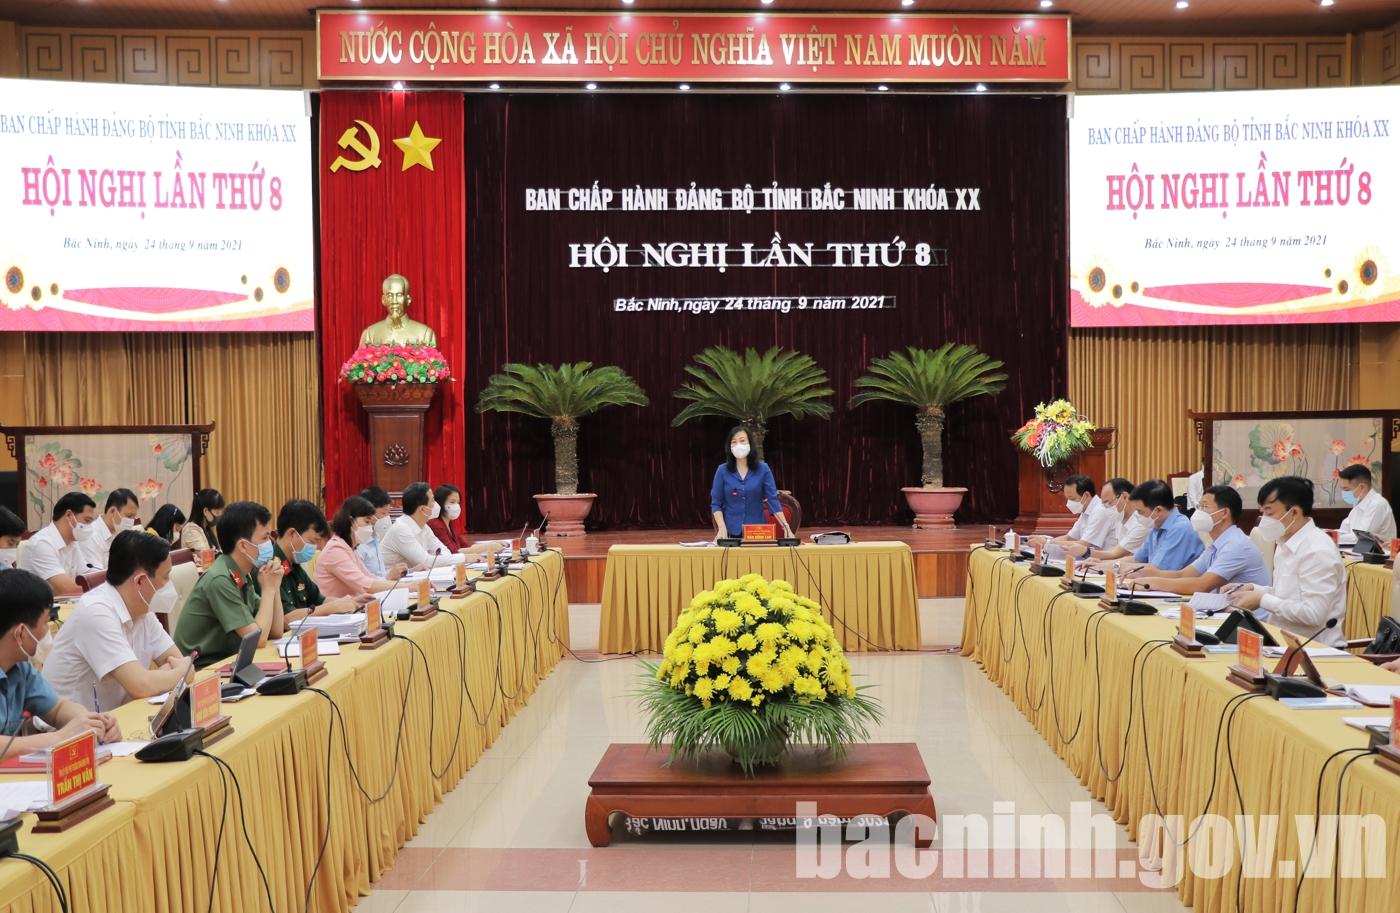 Hội nghị Ban Chấp hành Đảng bộ tỉnh lần thứ 8